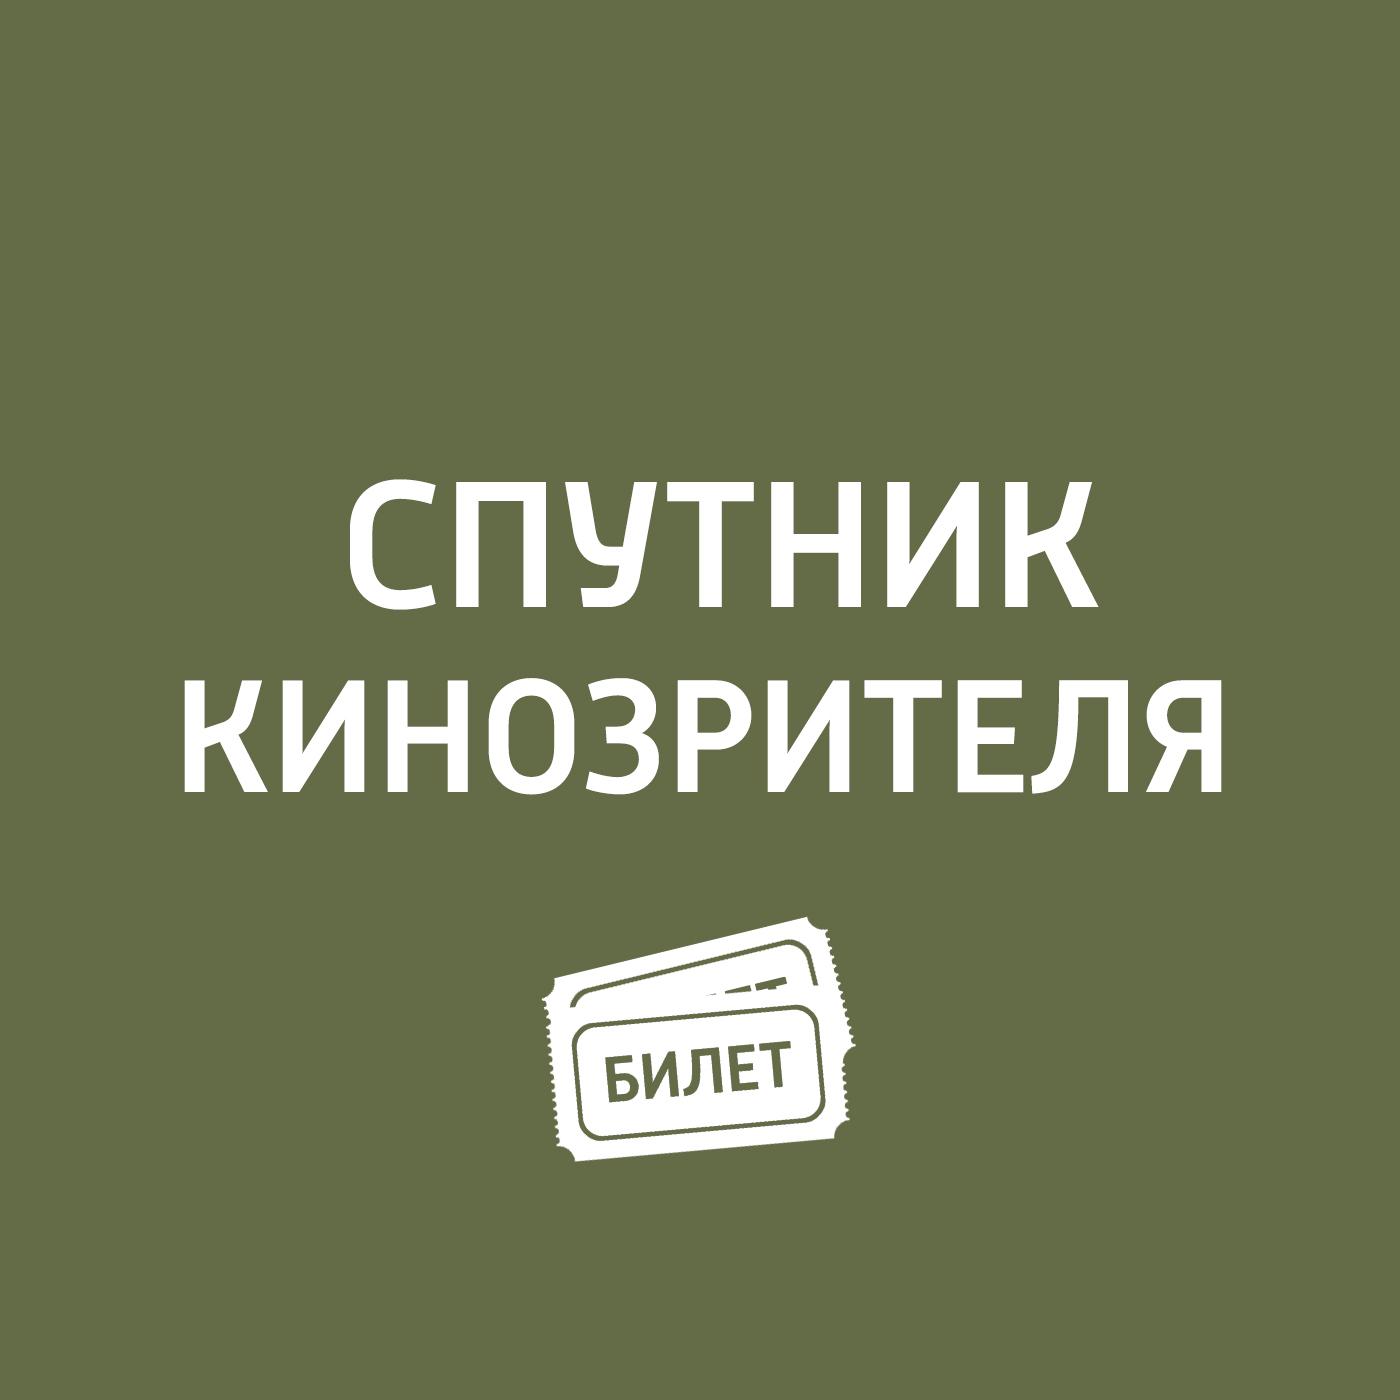 Антон Долин Роман Полански антон долин неудержимые 3 красотки парижа